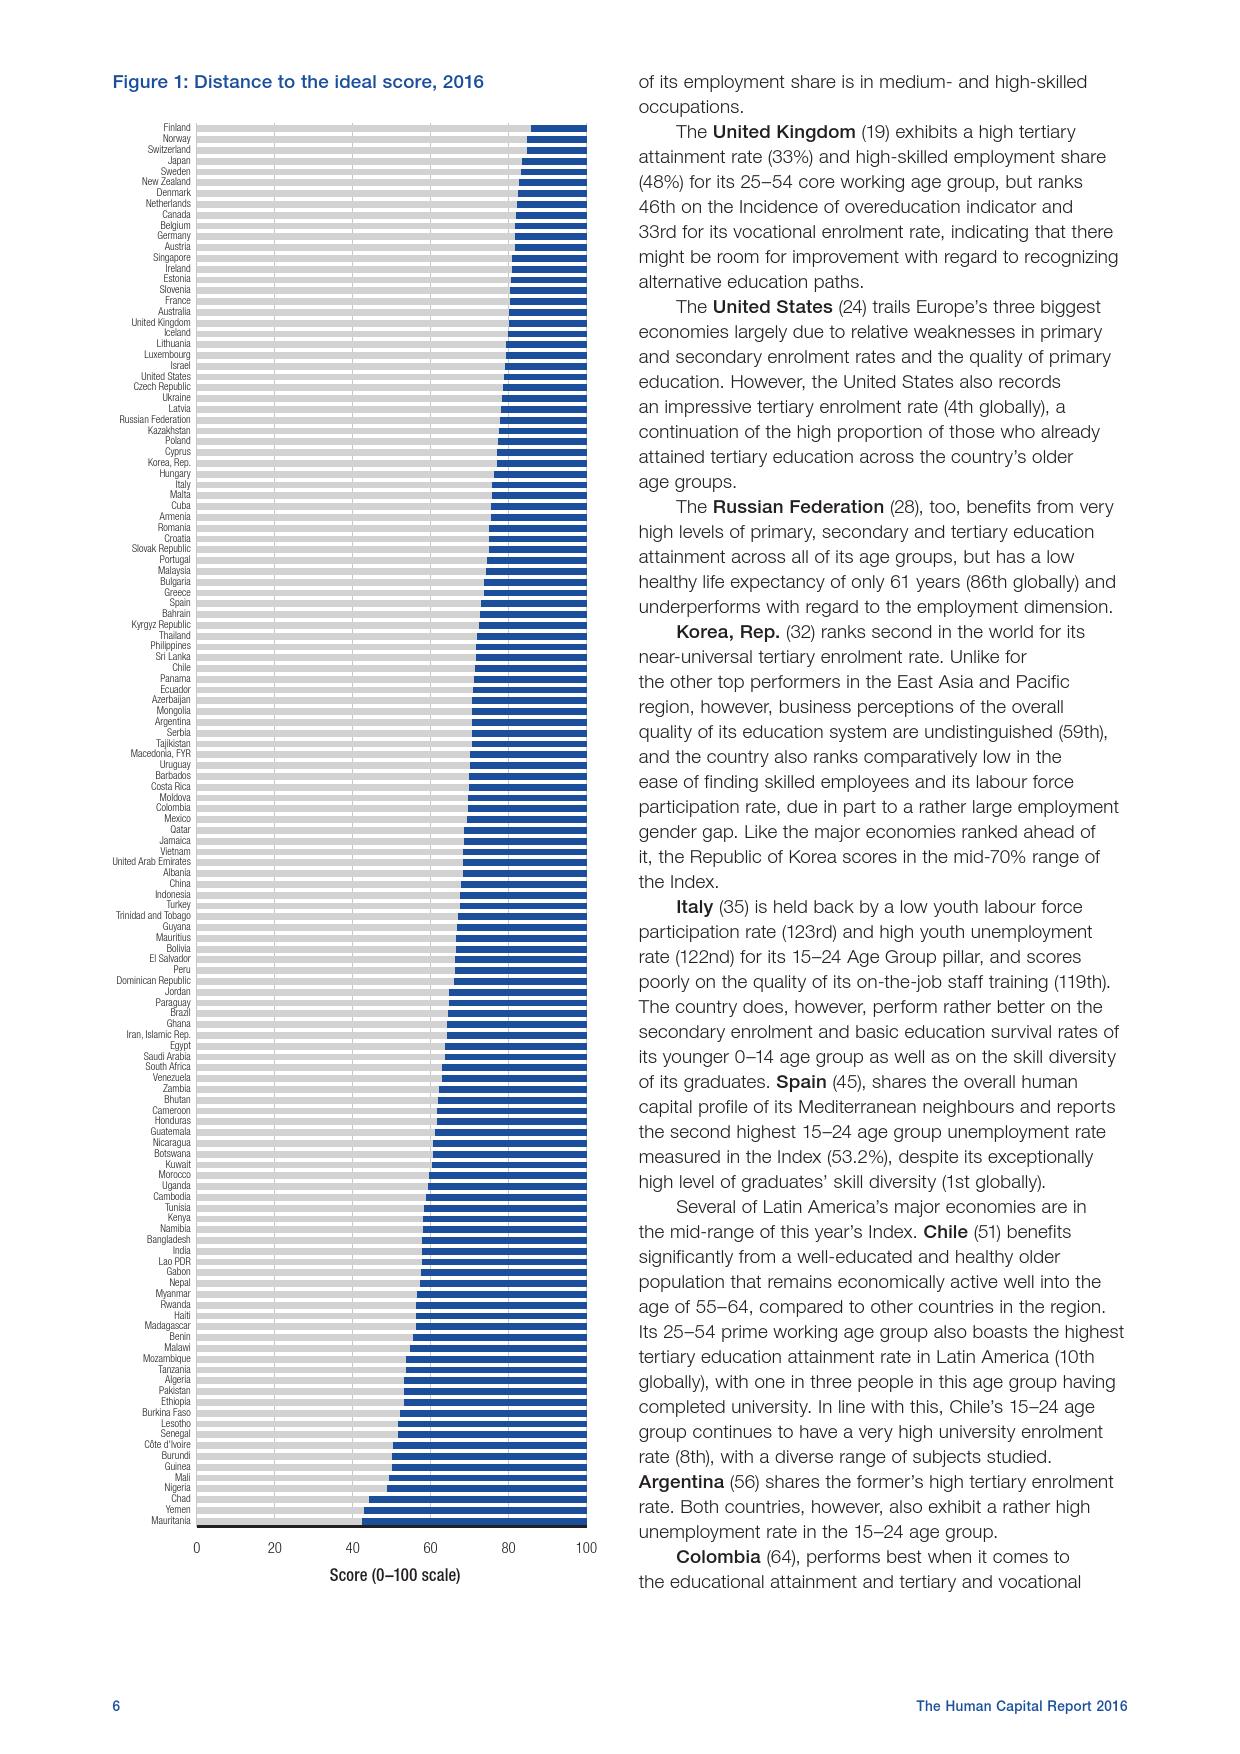 2016全球人力资本报告_000014